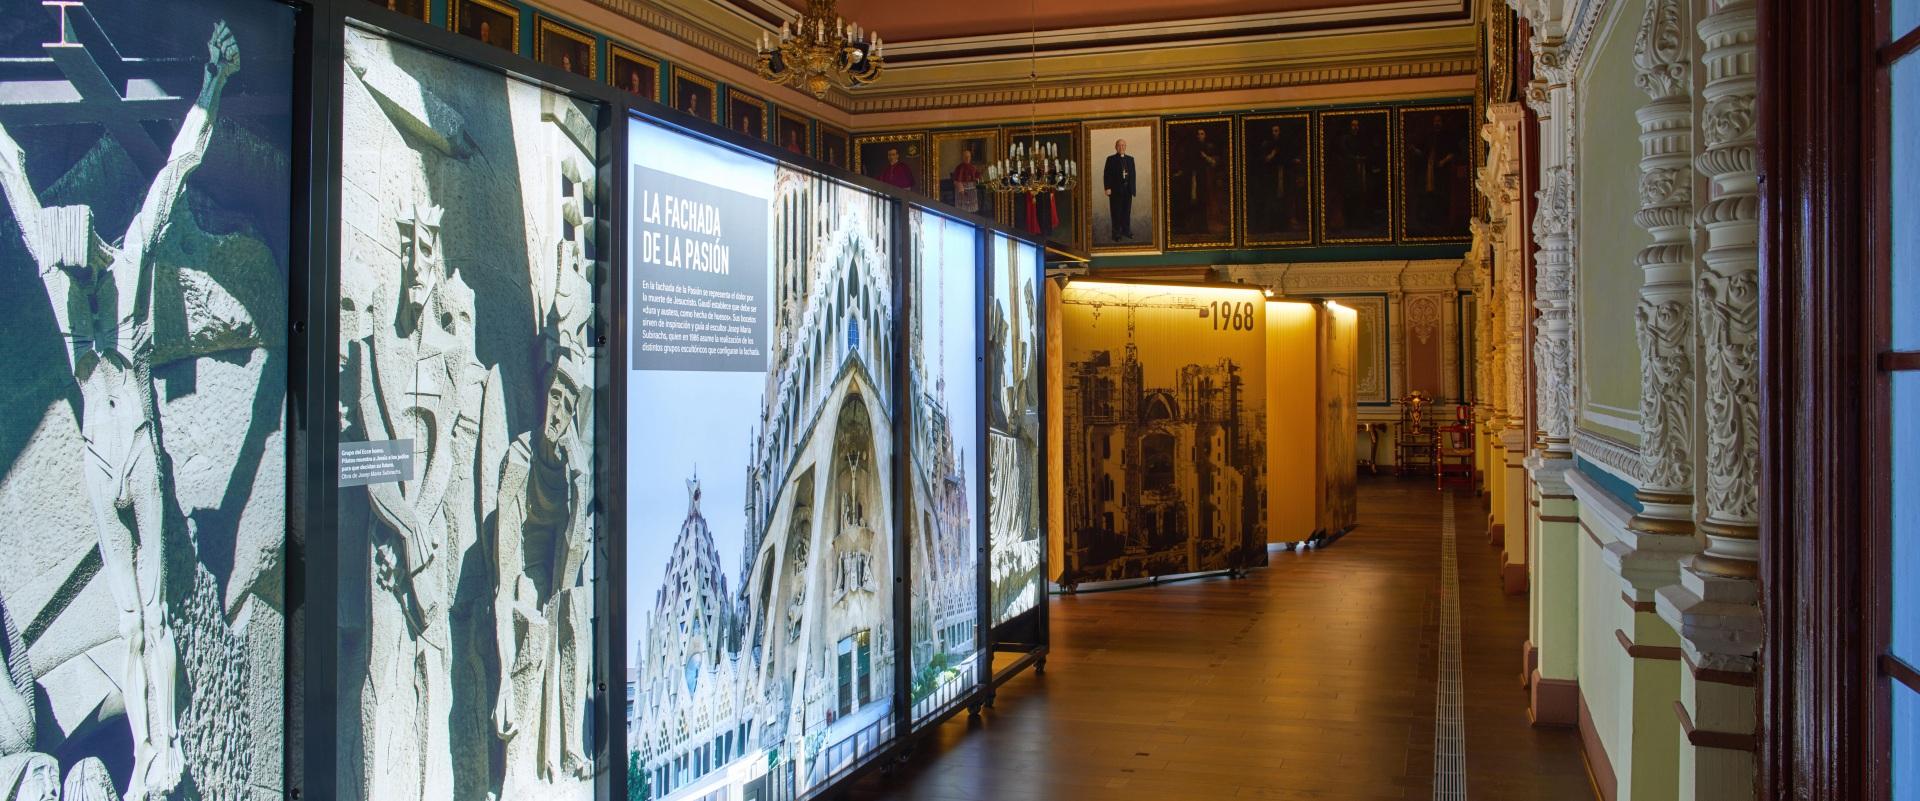 Exposición Gaudí Sagrada Familia. Imágenes del edificio en cajas iluminadas. En sala antigua con retratos de cardenales y columnas decoradas.